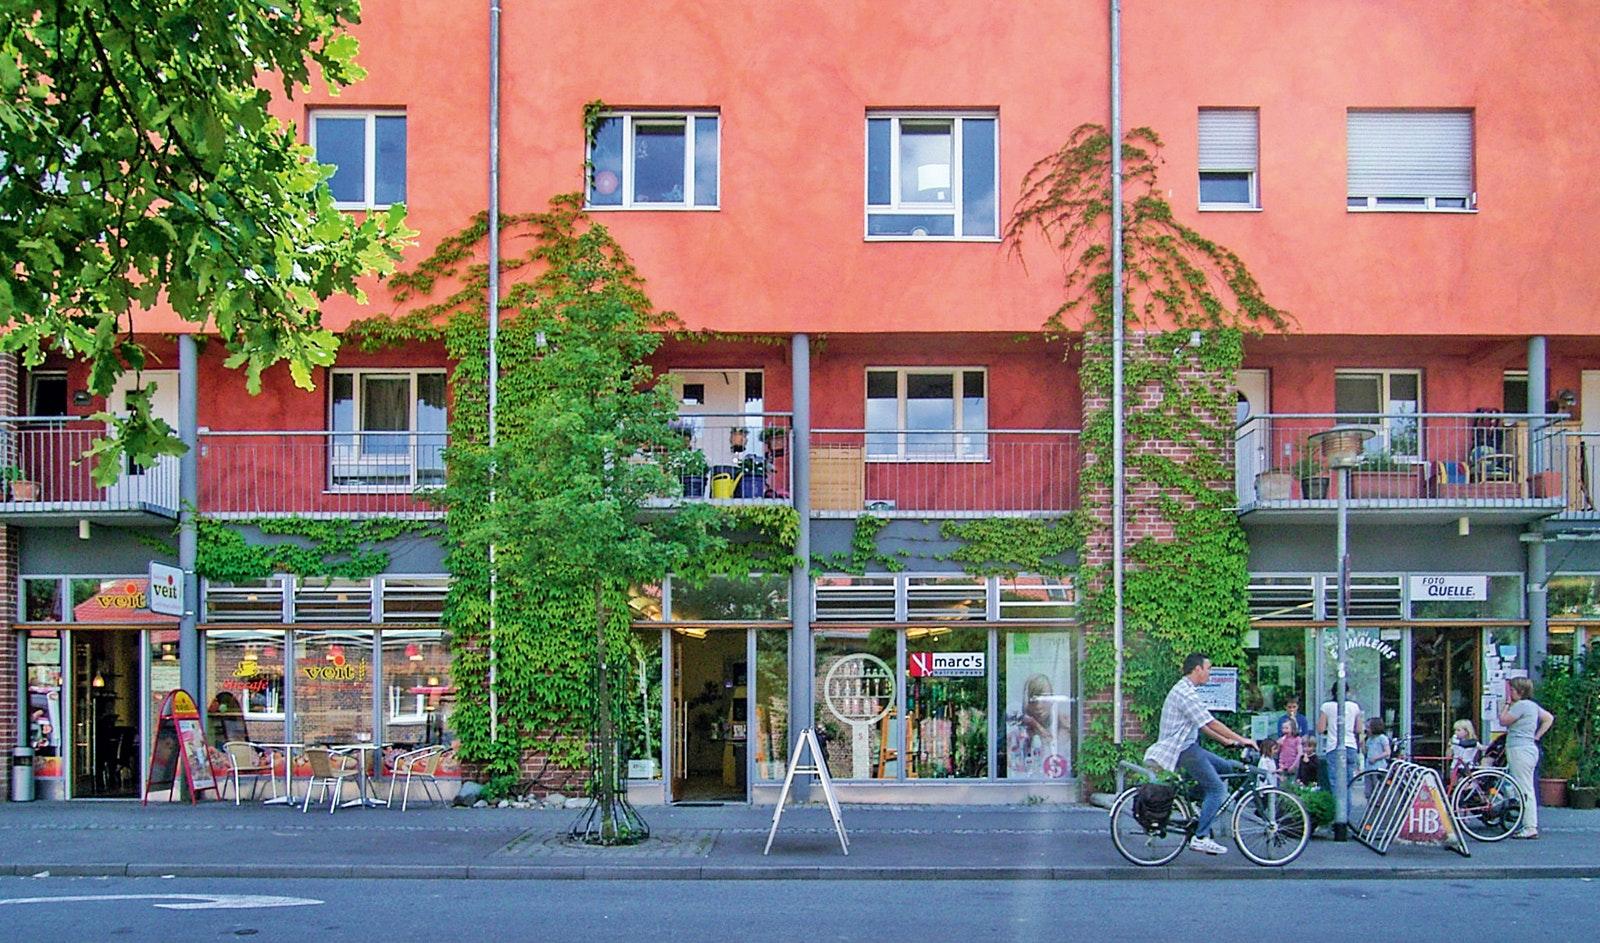 Oben Wohnen, unten Arbeiten und Einkaufen: Die Funktionsmischung war von Anfang an ein wichtiges Planungsziel für das Französische Viertel und das Loretto-Areal in Tübingen.